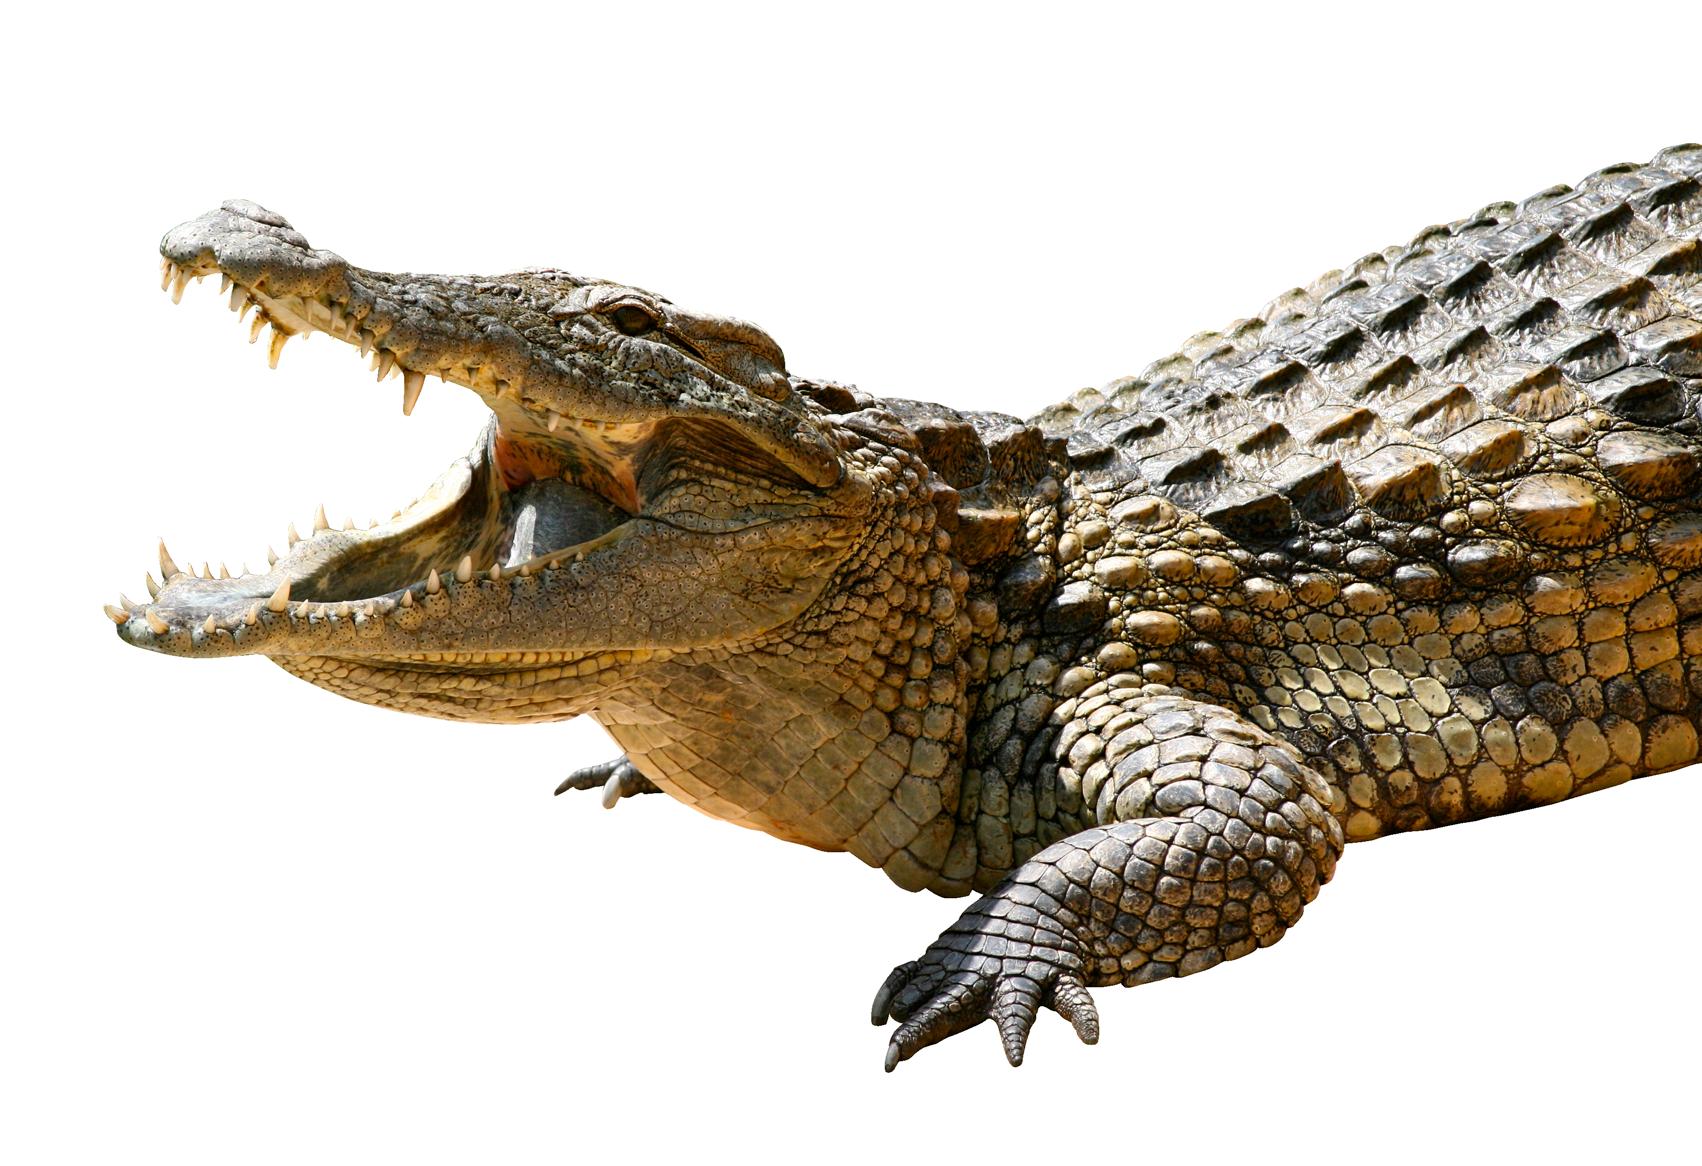 Crocodile PNG-PlusPNG pluspng.com-1702 - Crocodile PNG - Crocodile HD PNG